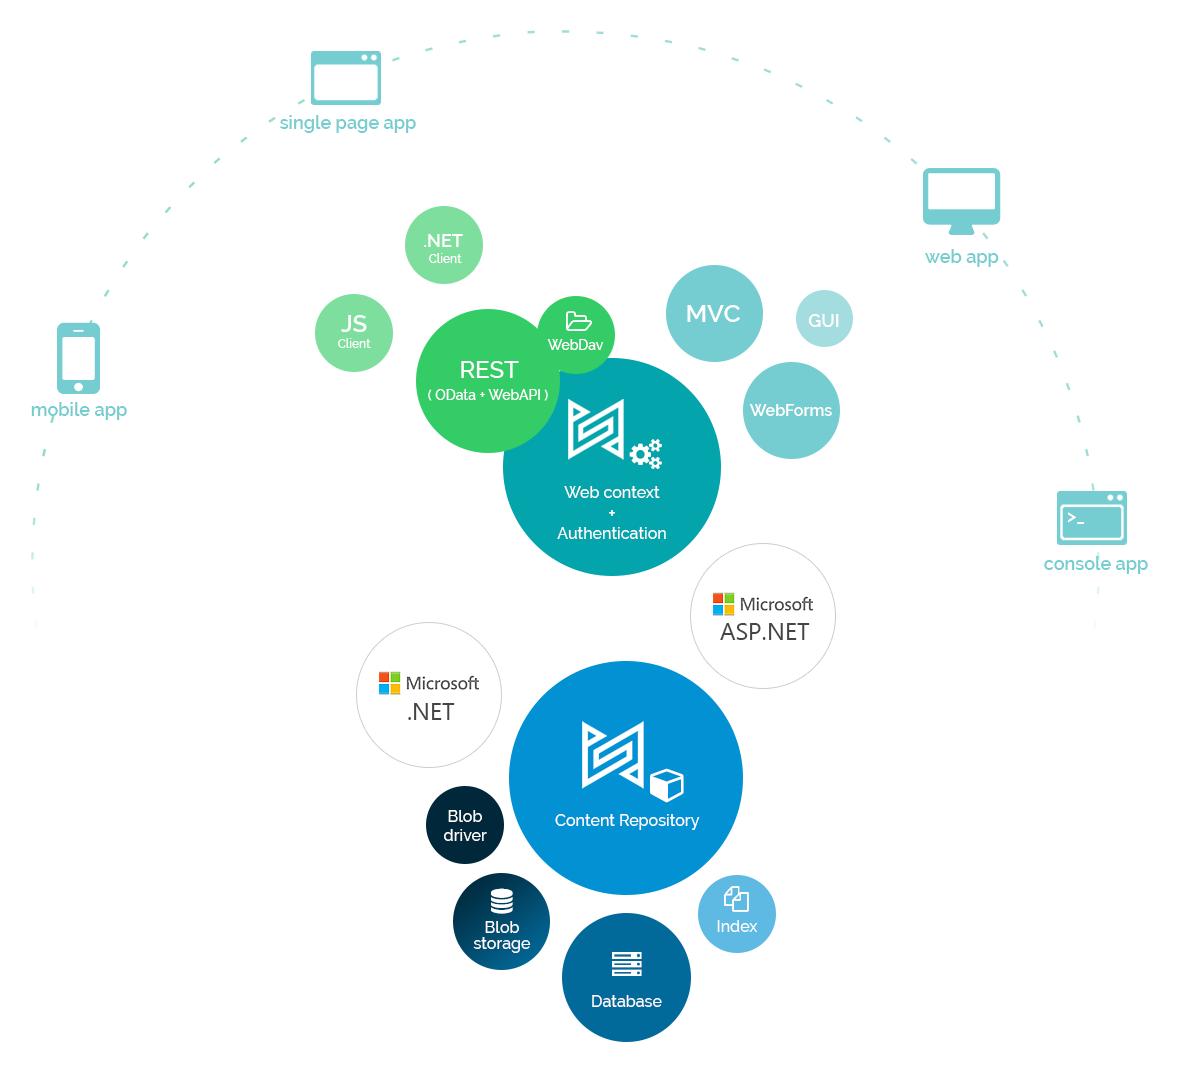 sensenet components